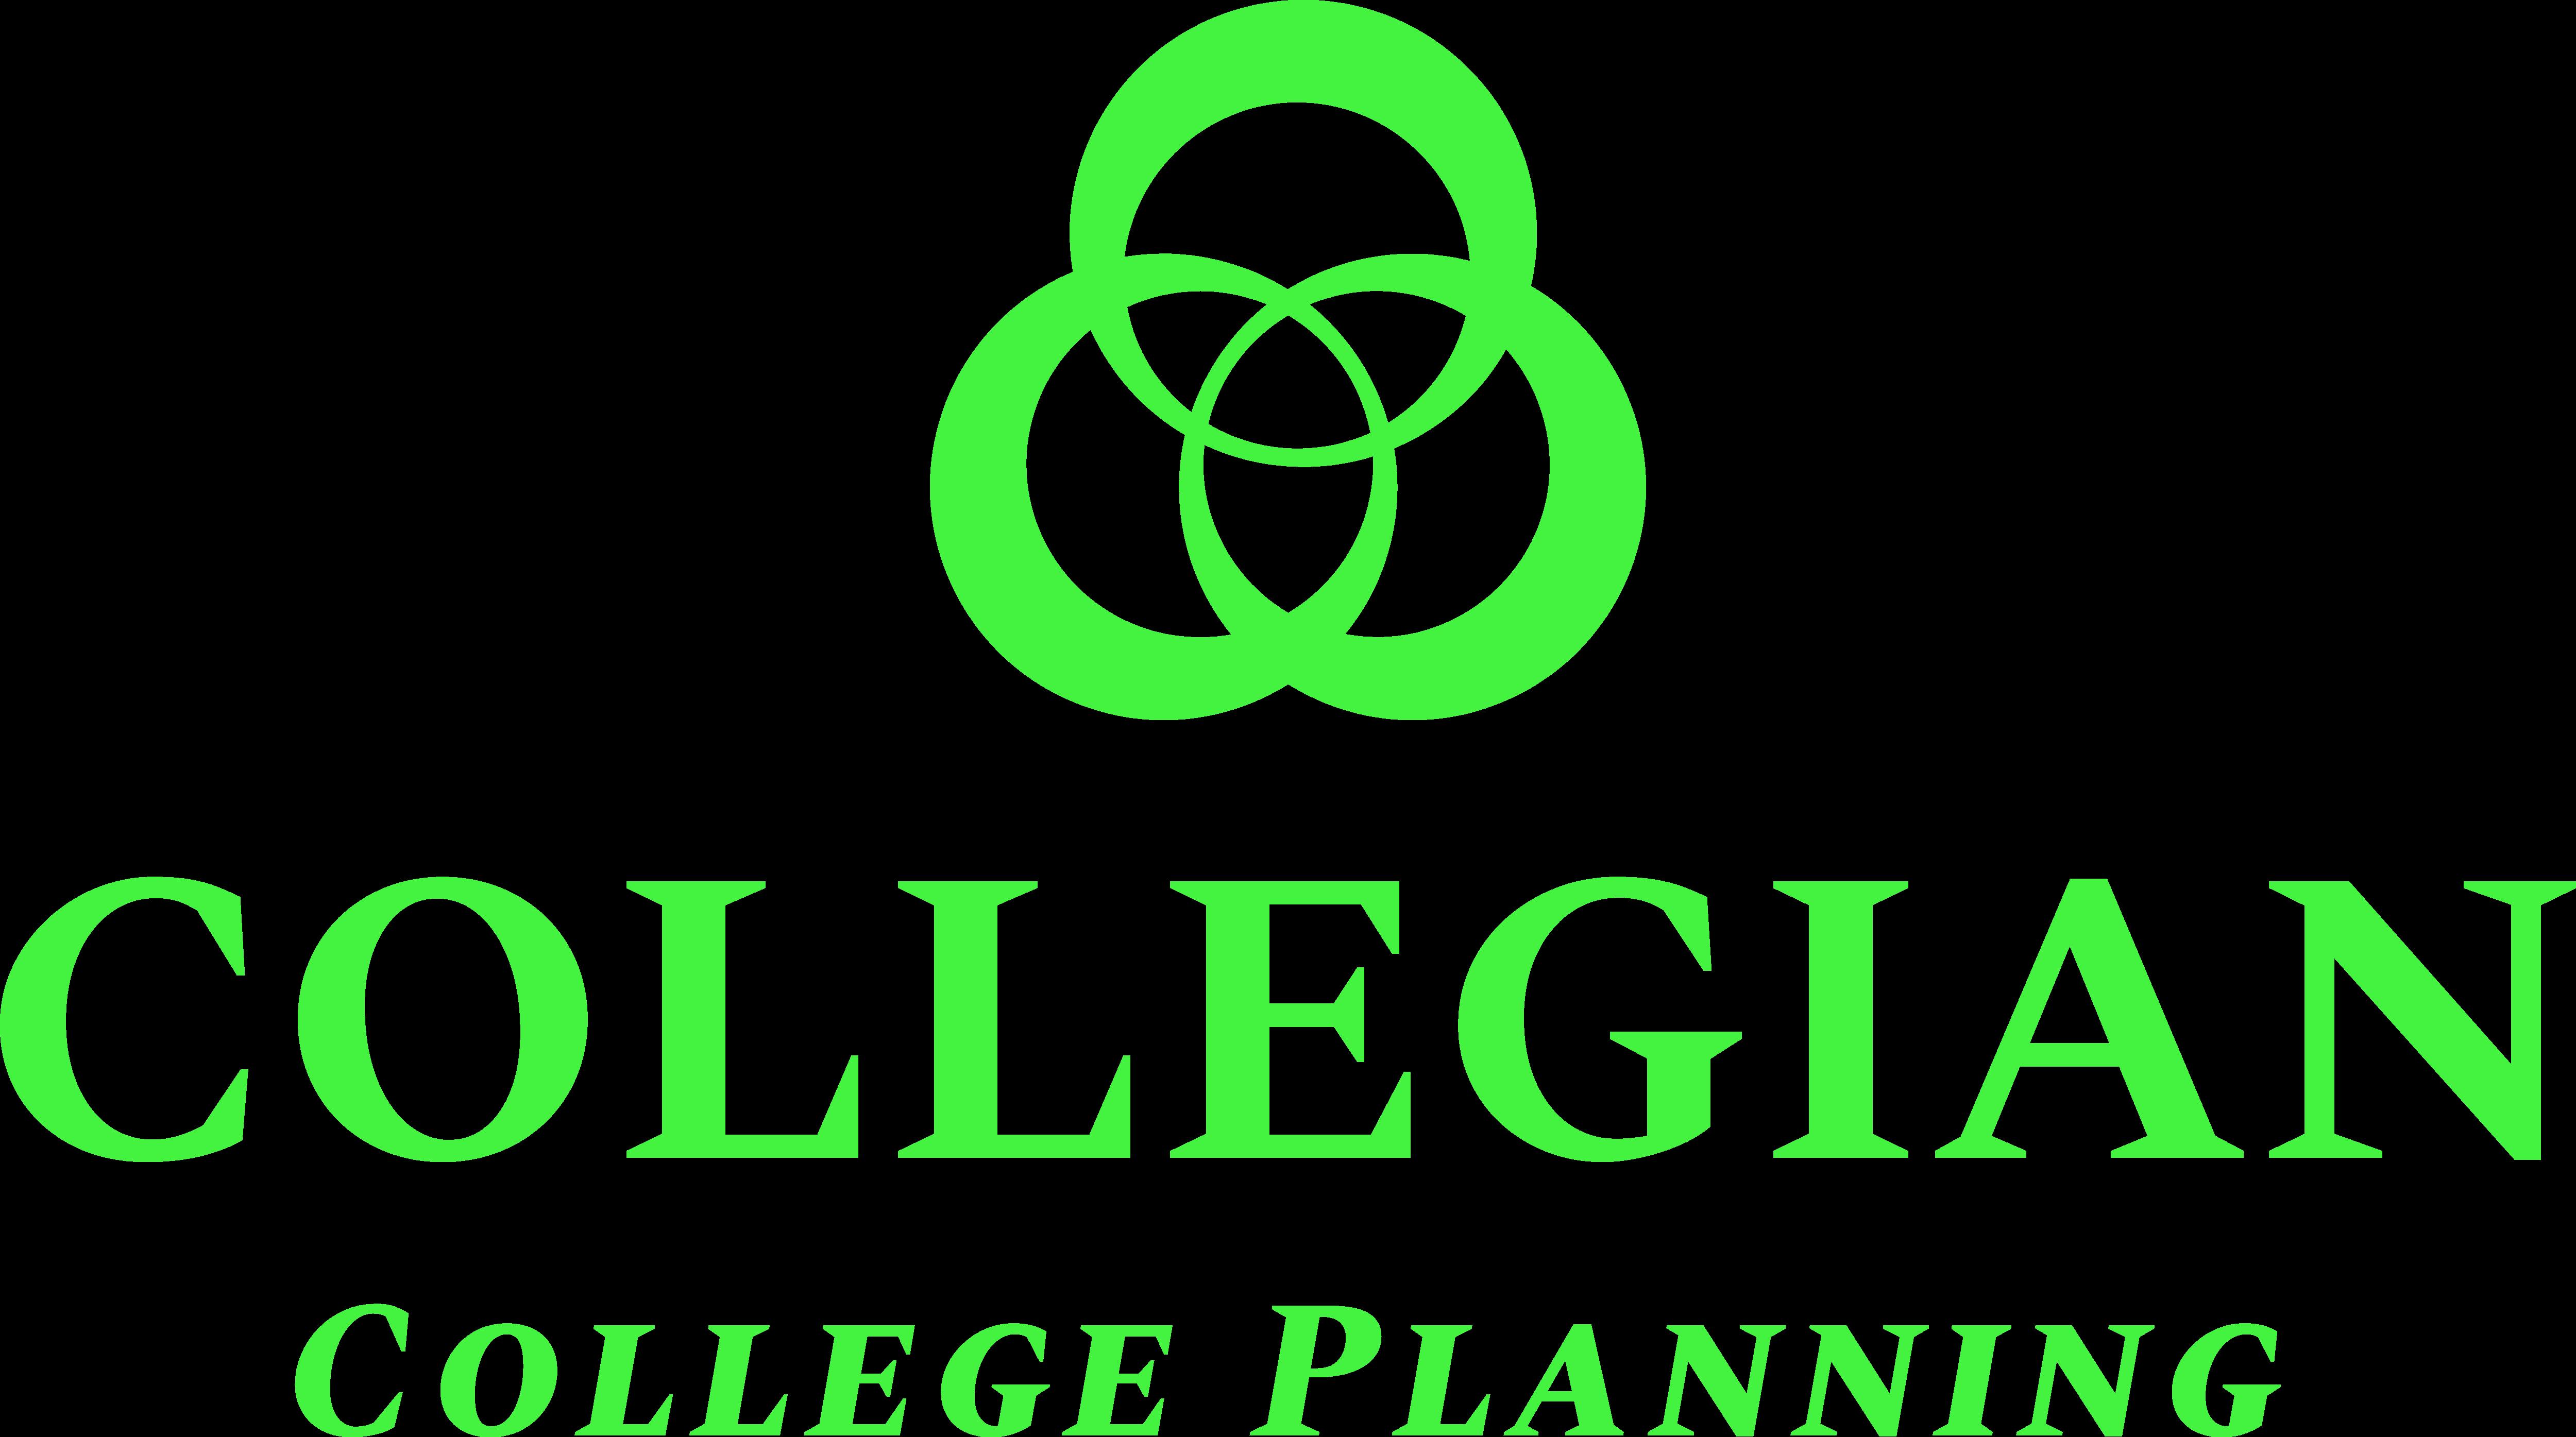 COLLEGIAN COLLEGE PLANNING